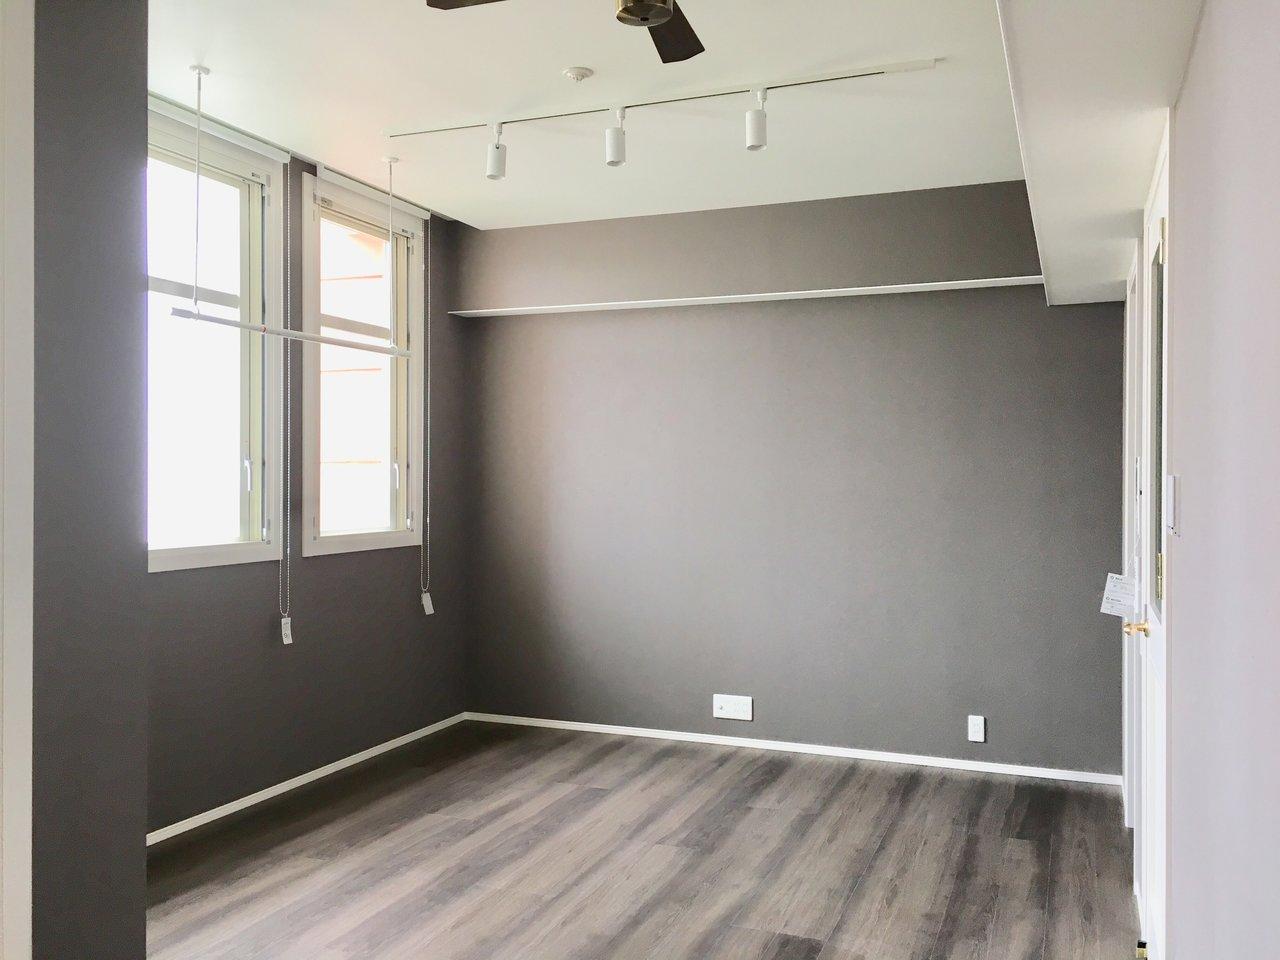 落ち着くグレーのお部屋もあります。床の色もコーディネートバッチリ。